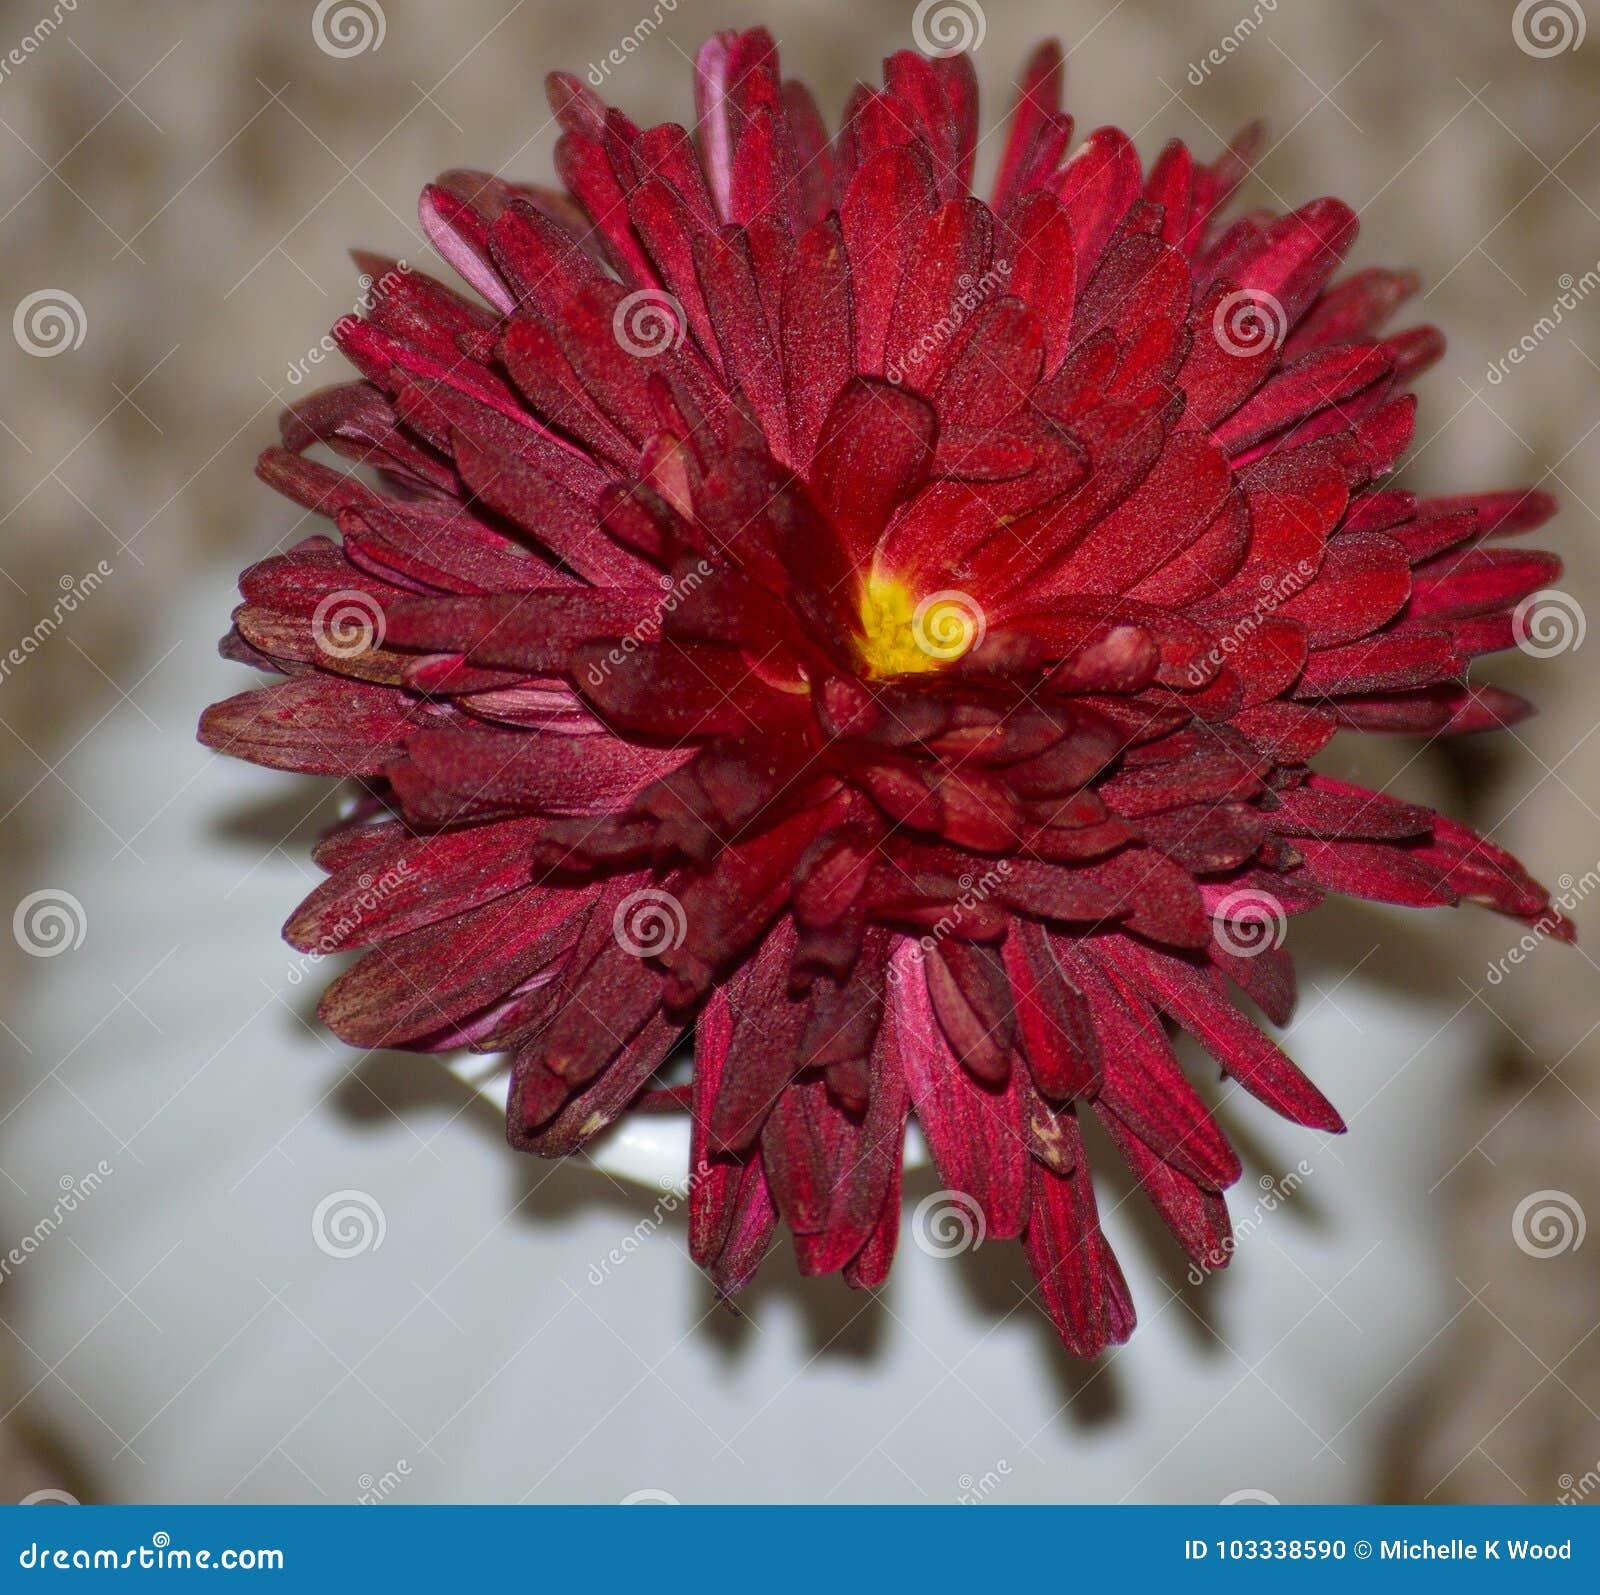 Heart centered red chrysanthemum blossom